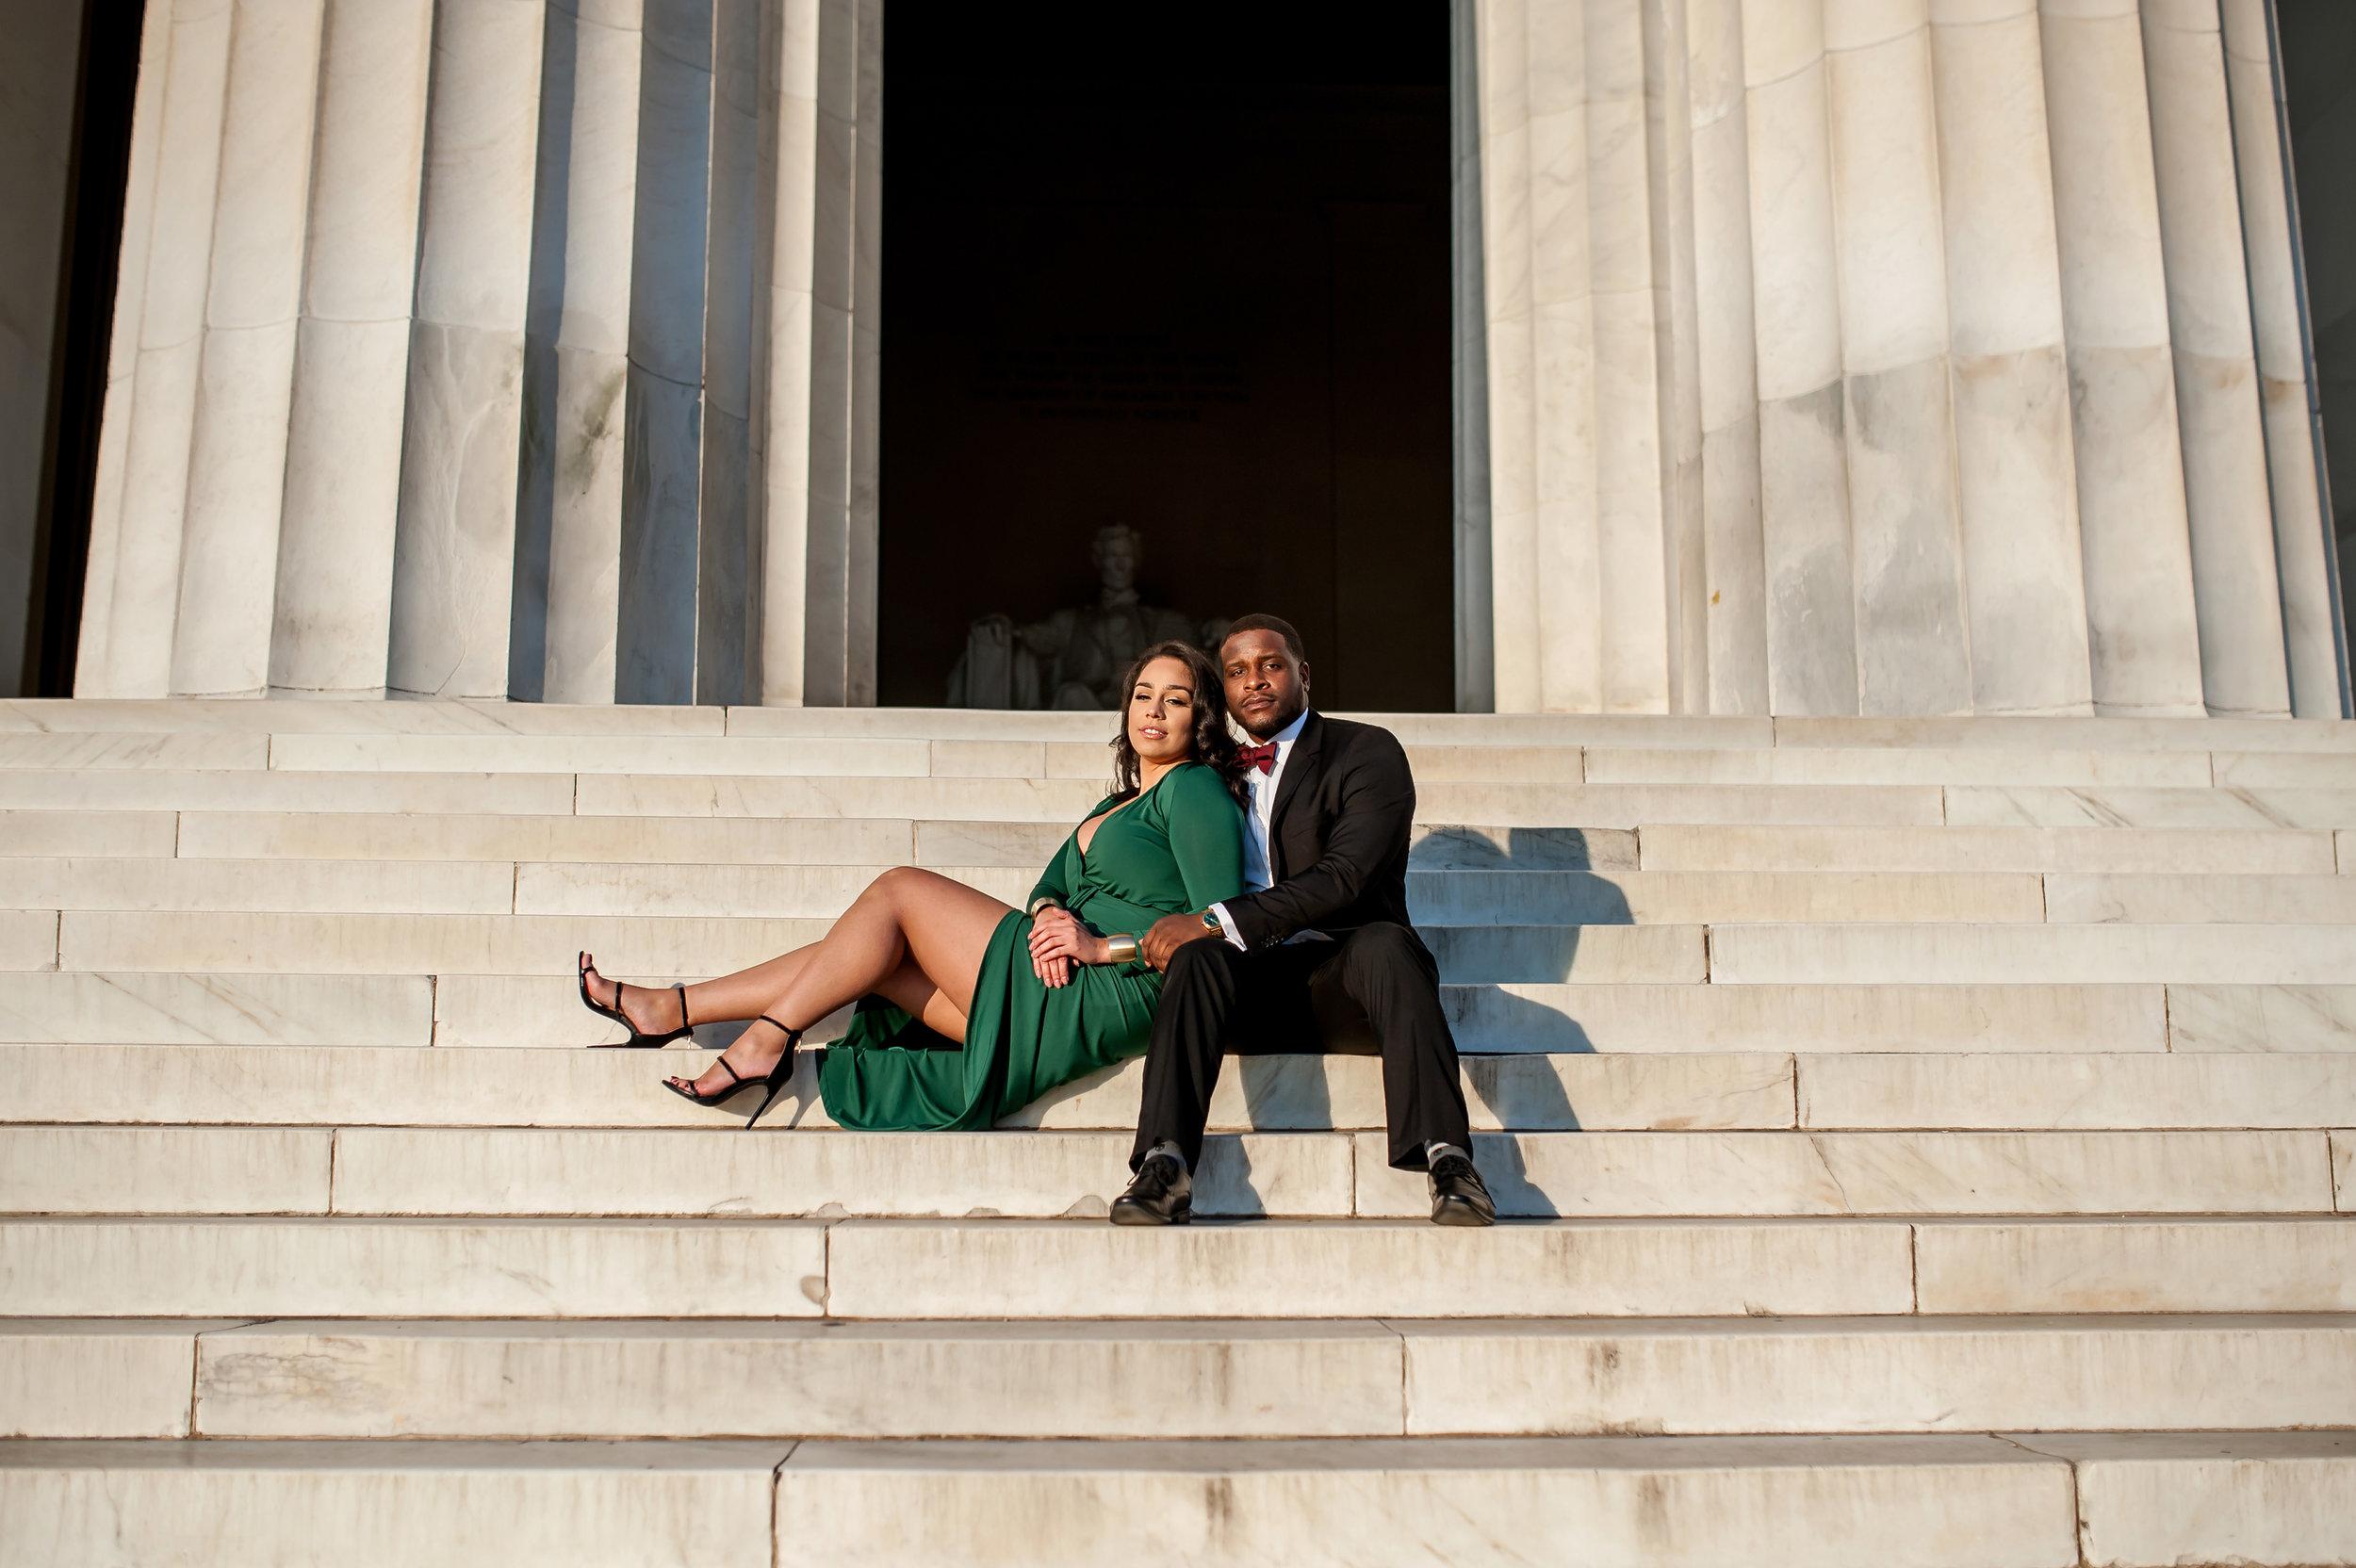 dating blogg Washington DC skotsk dating partnerskap